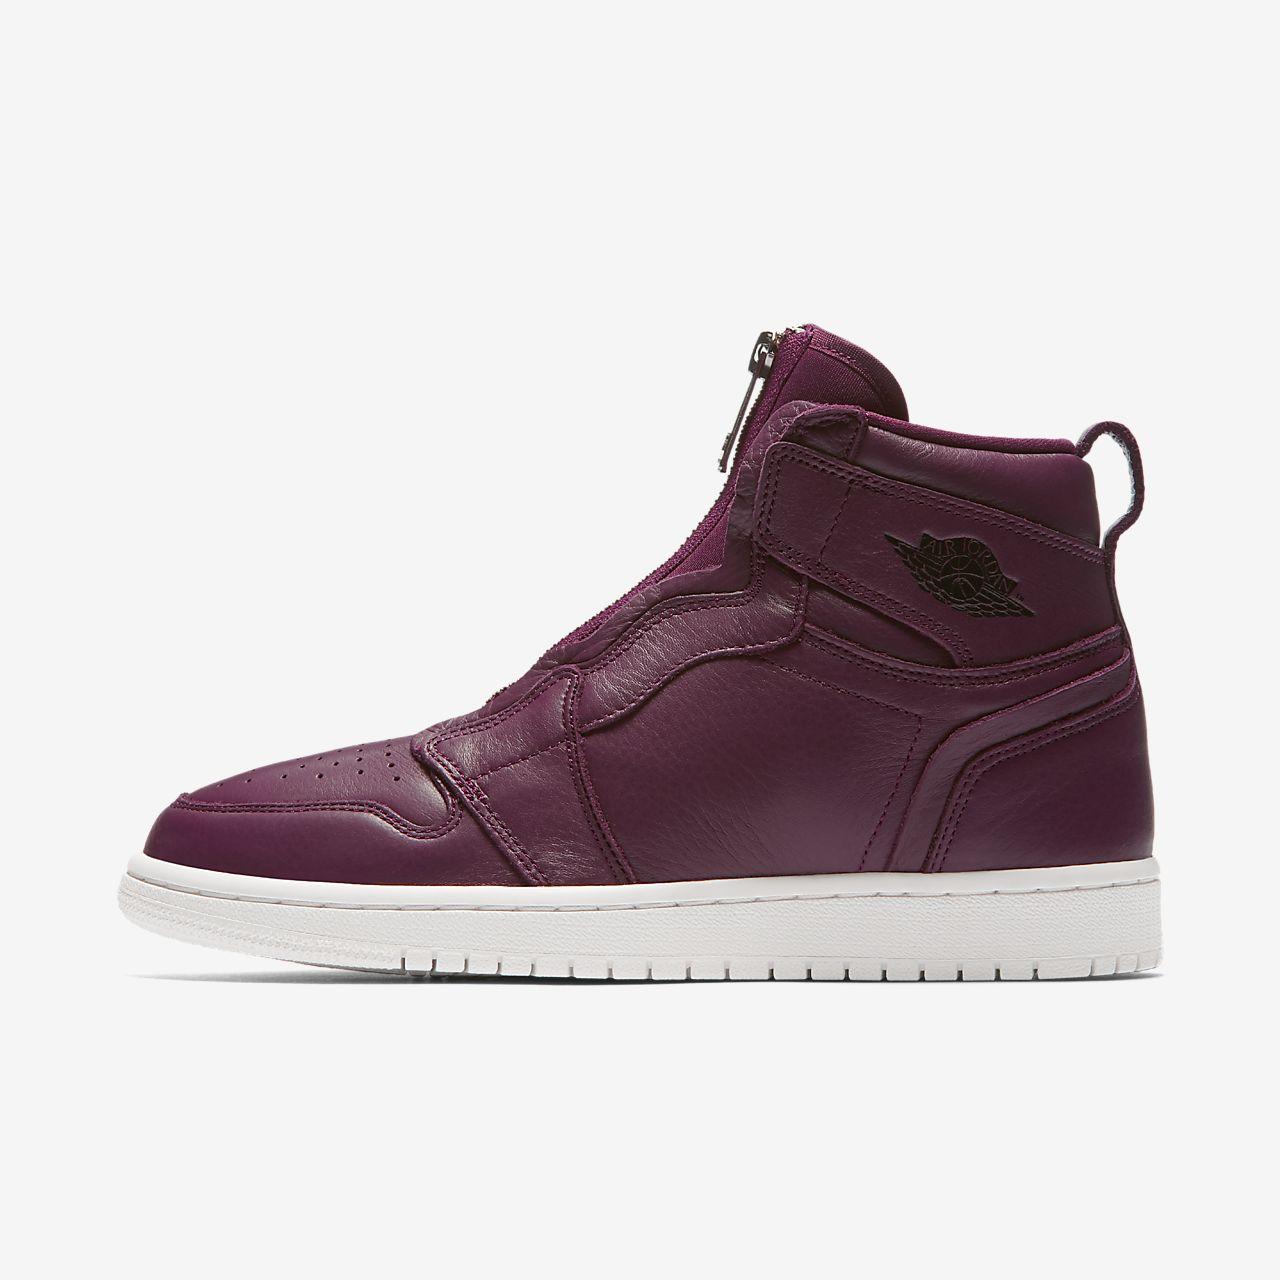 Zip Pour Chaussure Jordan Premium Femme 1 Air High lwXkPuiTOZ